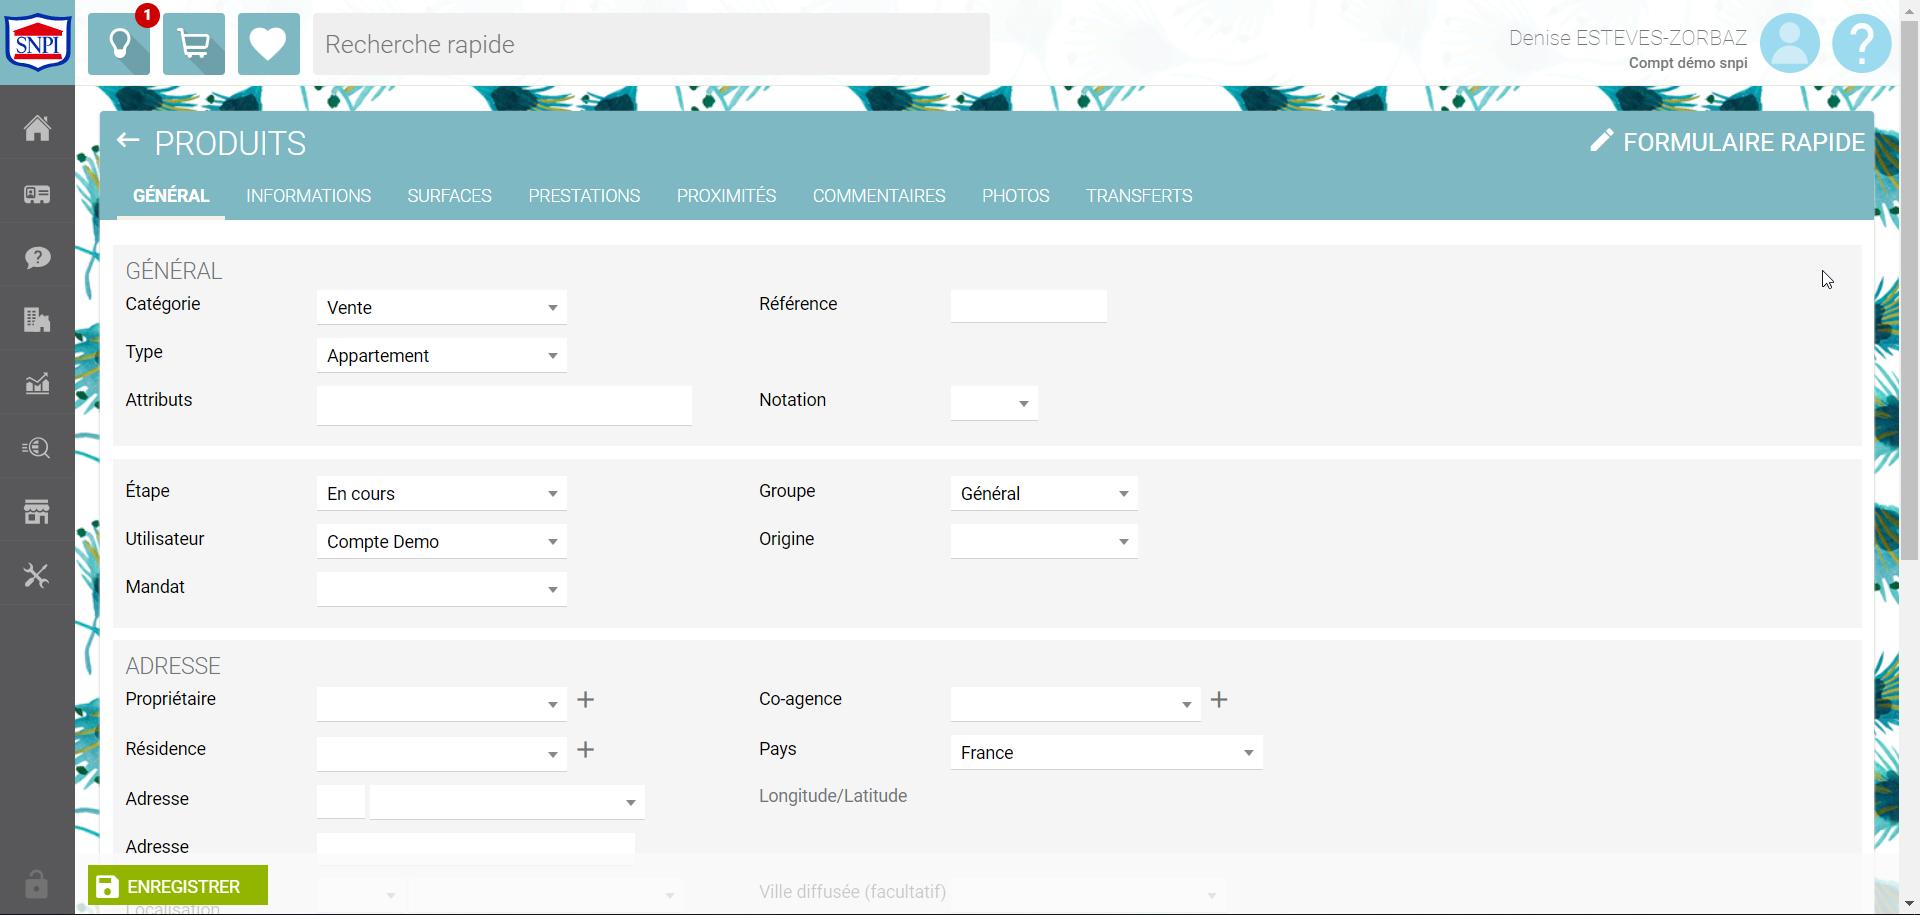 L'interface du logiciel SNPI ACCESS